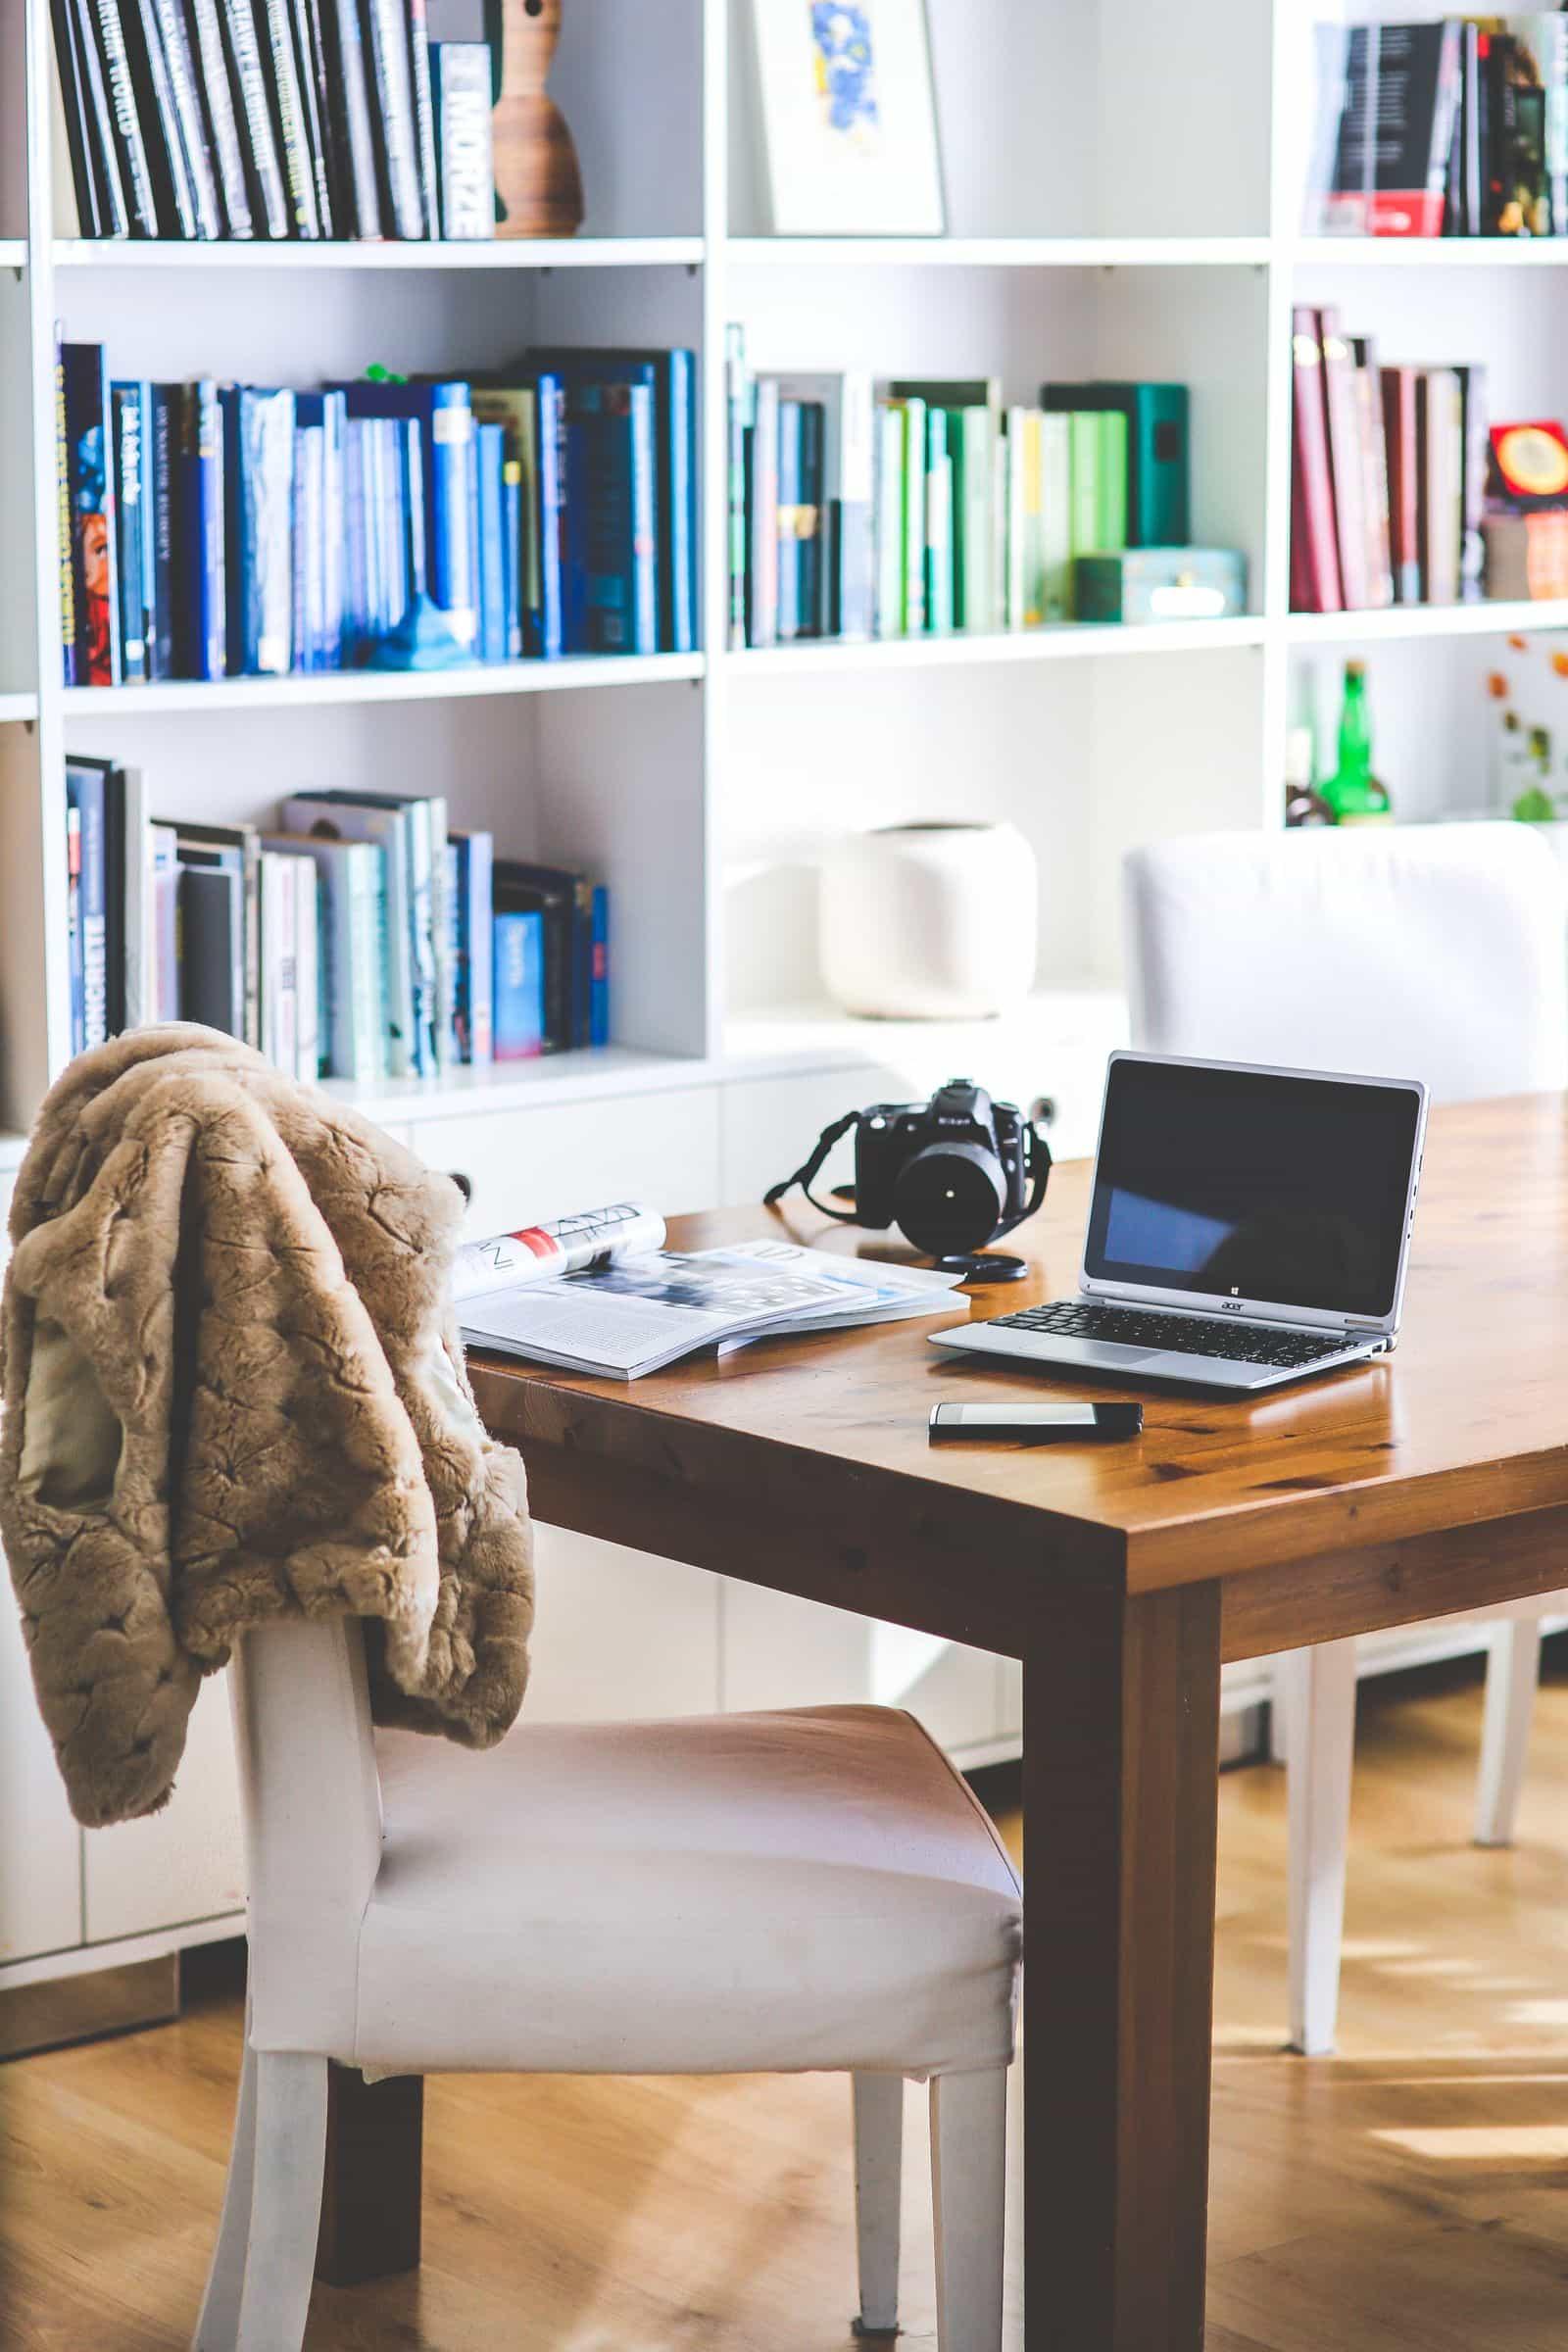 Un bureau à domicile avec des livres aux couleurs de l'arc-en-ciel